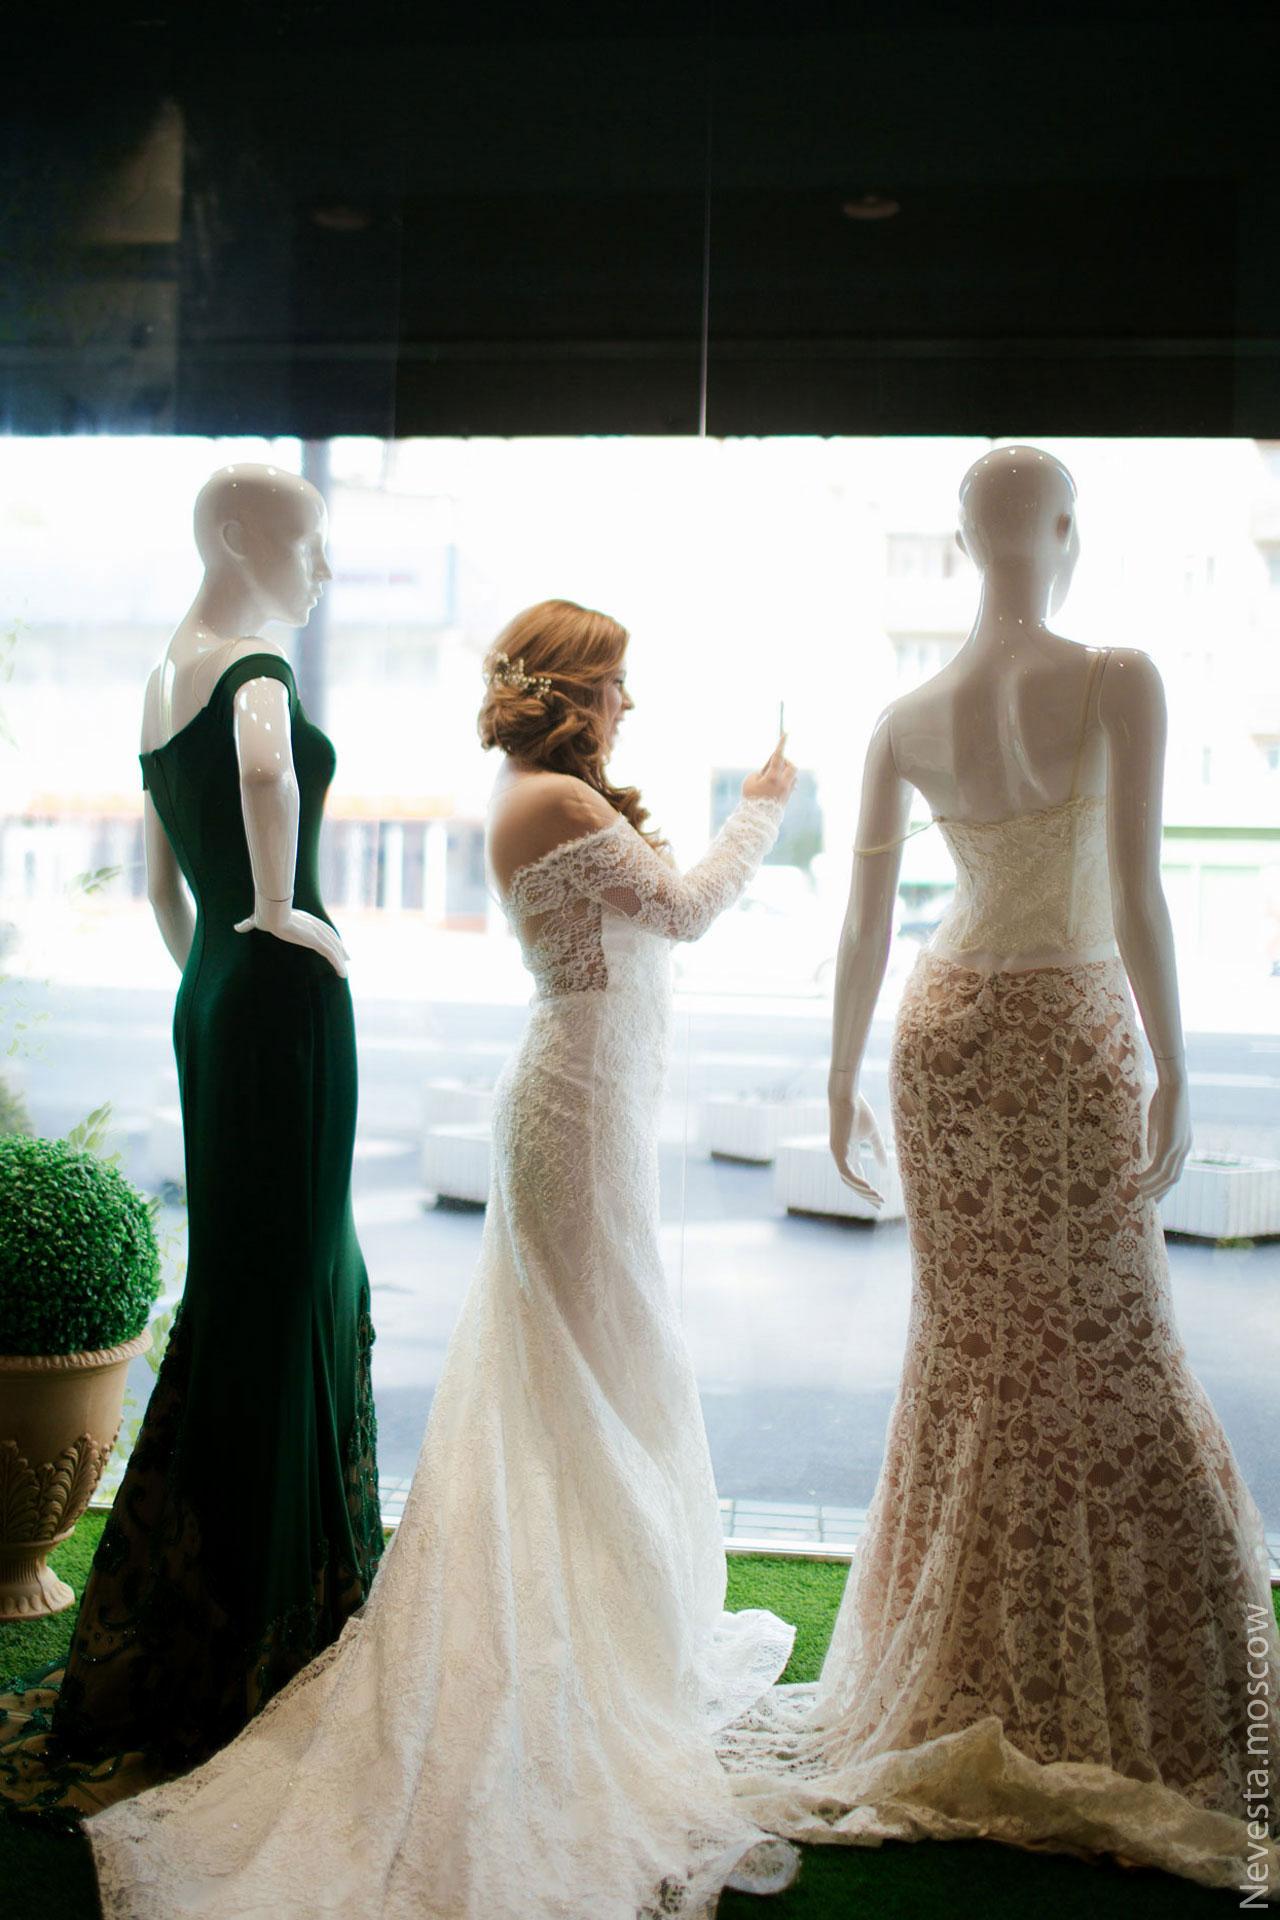 Анастасия Денисова выбирает образ для своей свадьбы фото 22